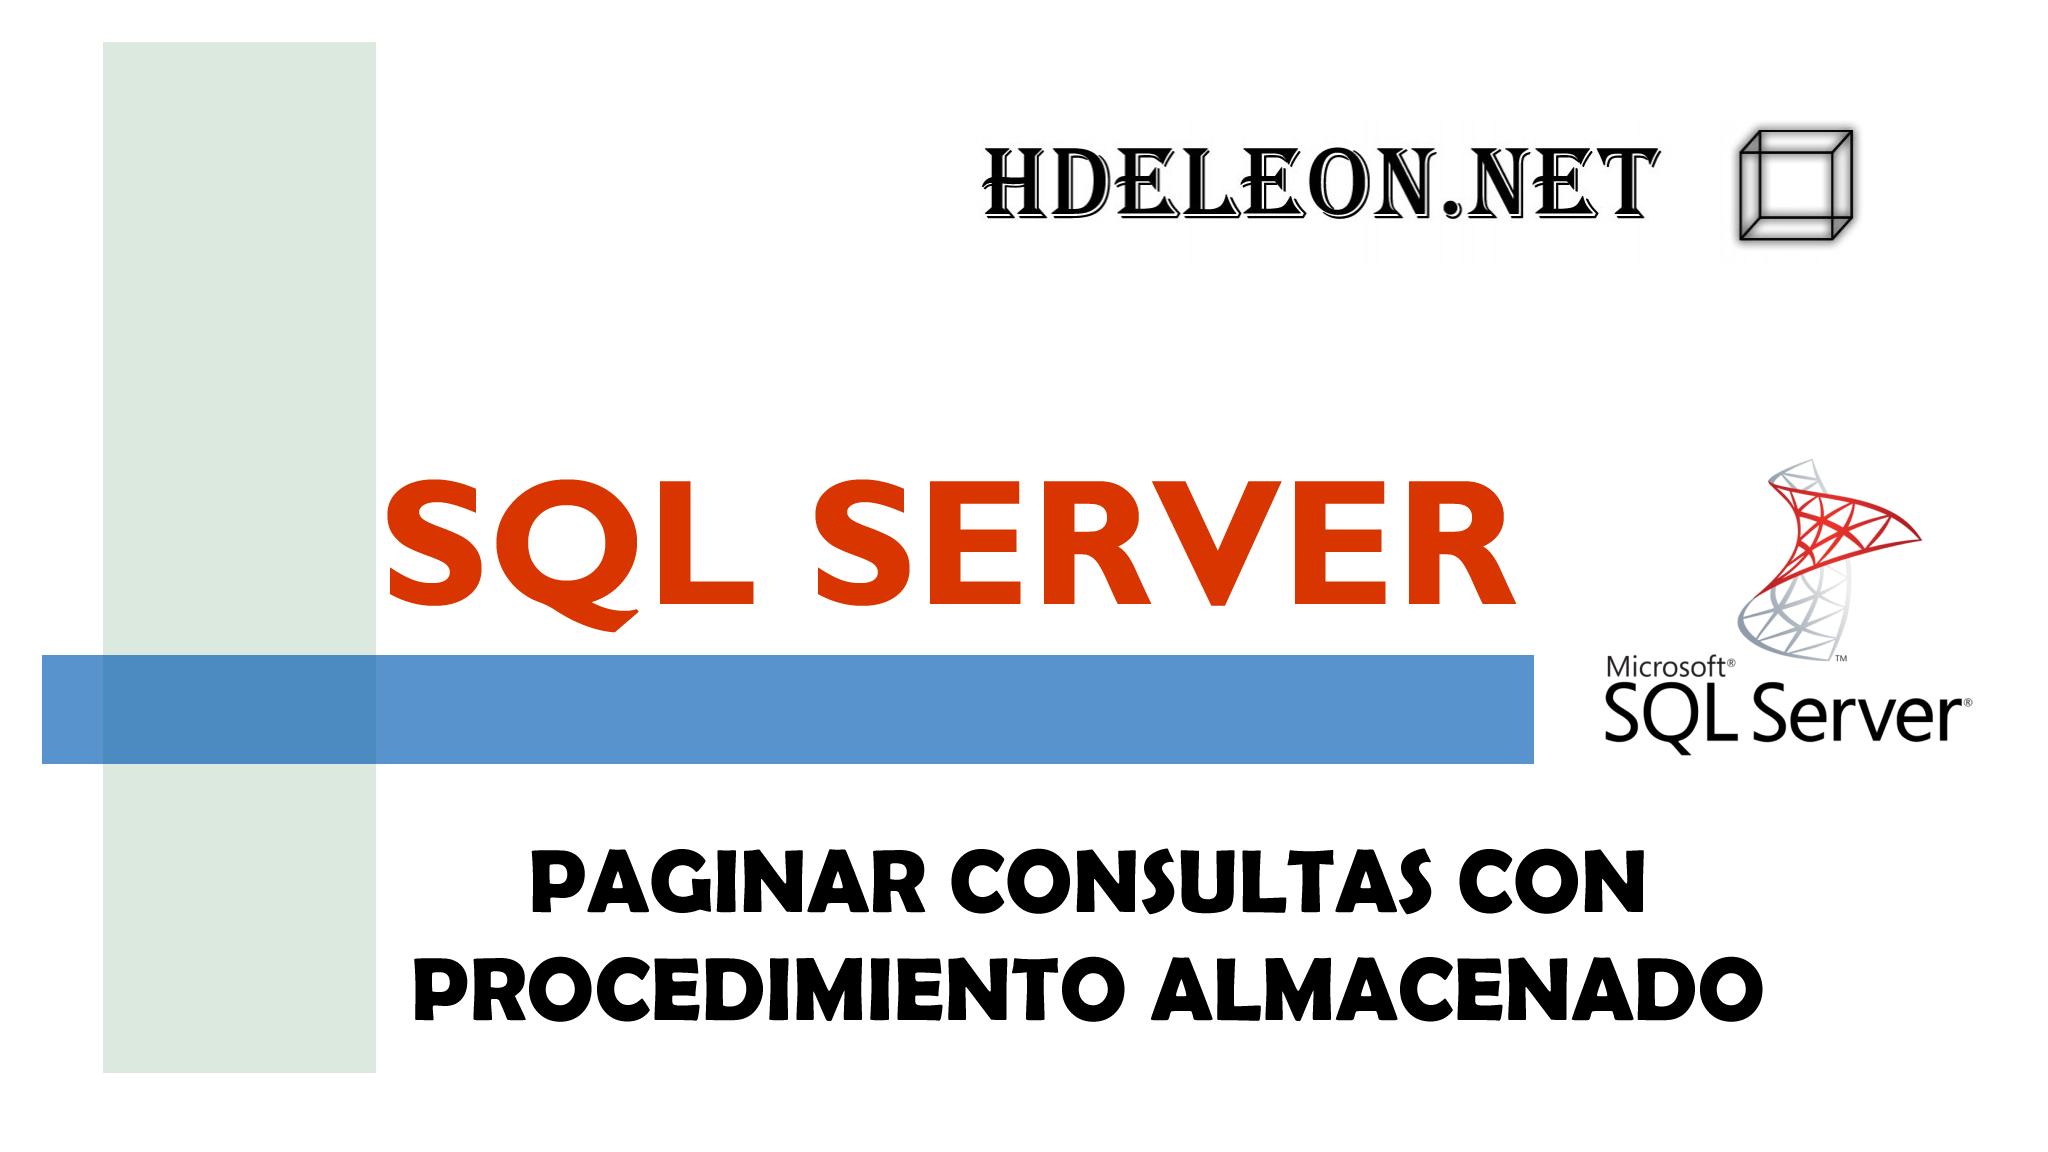 ¿Cómo hacer un paginado con SQL Server?, Transact-SQL, Procedimiento Almacenado